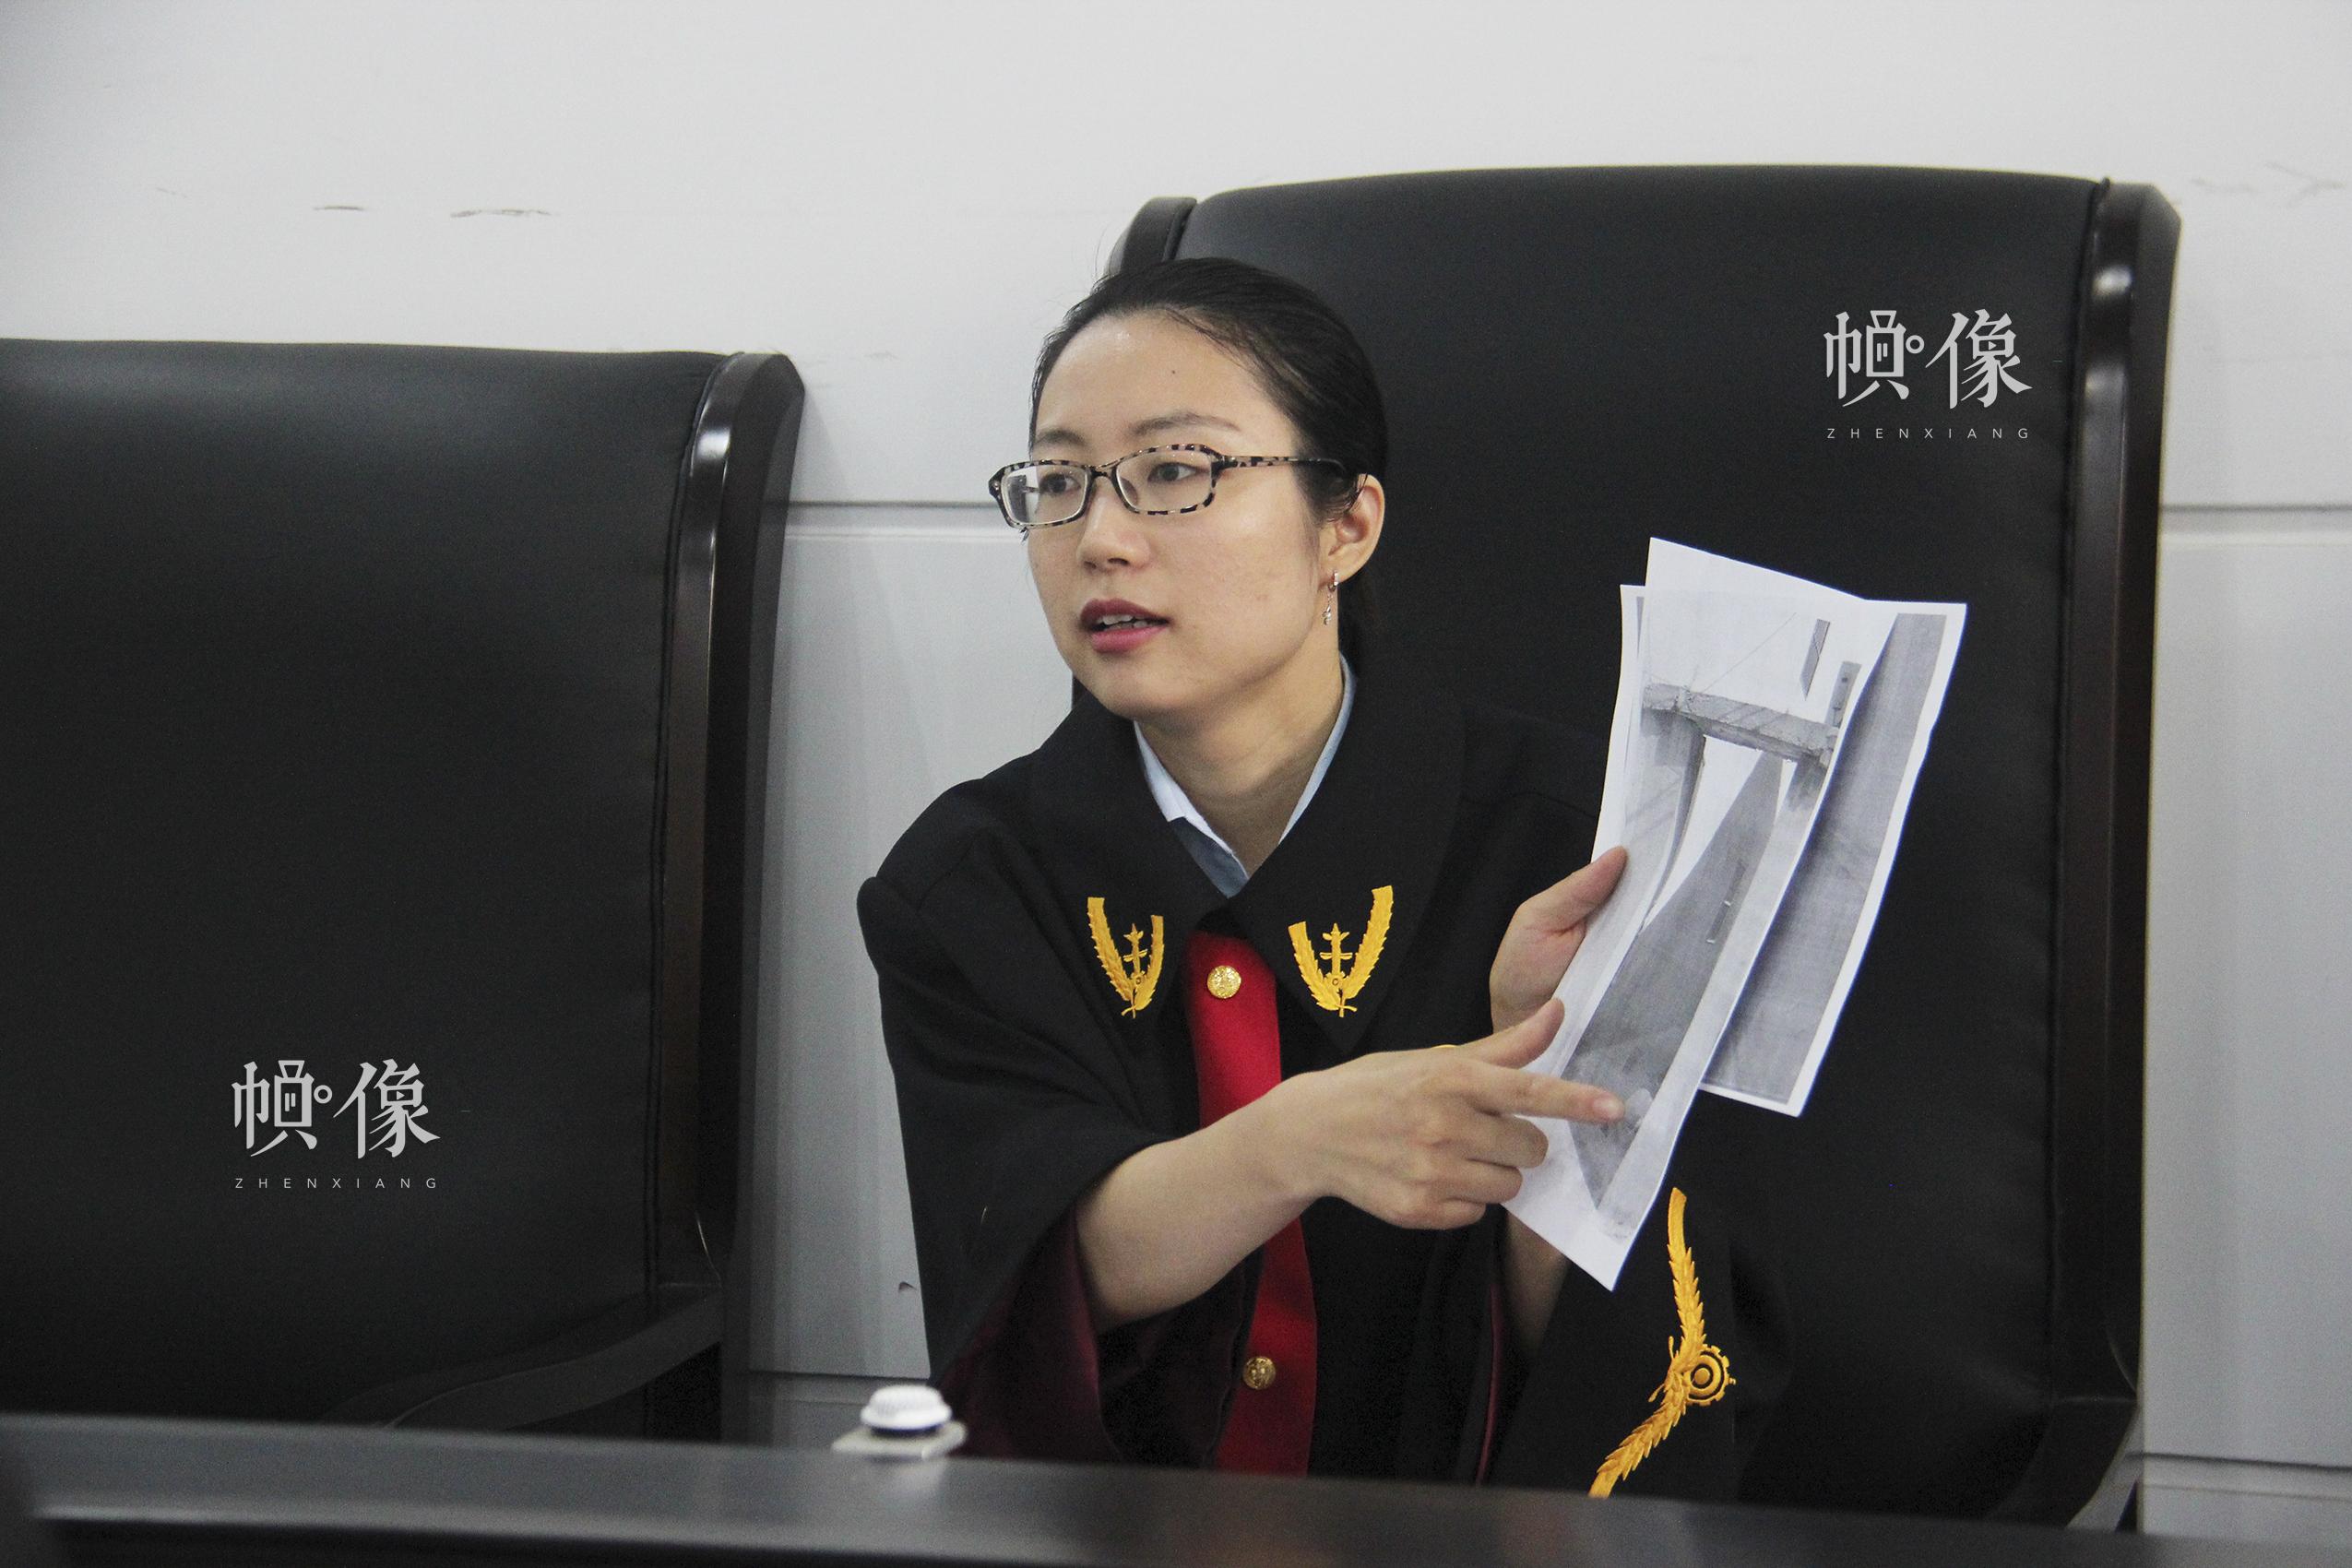 苏晓,1999年起接受春蕾计划资助,现任南京市浦口区人民法院永宁法庭审判员。中国儿基会供图